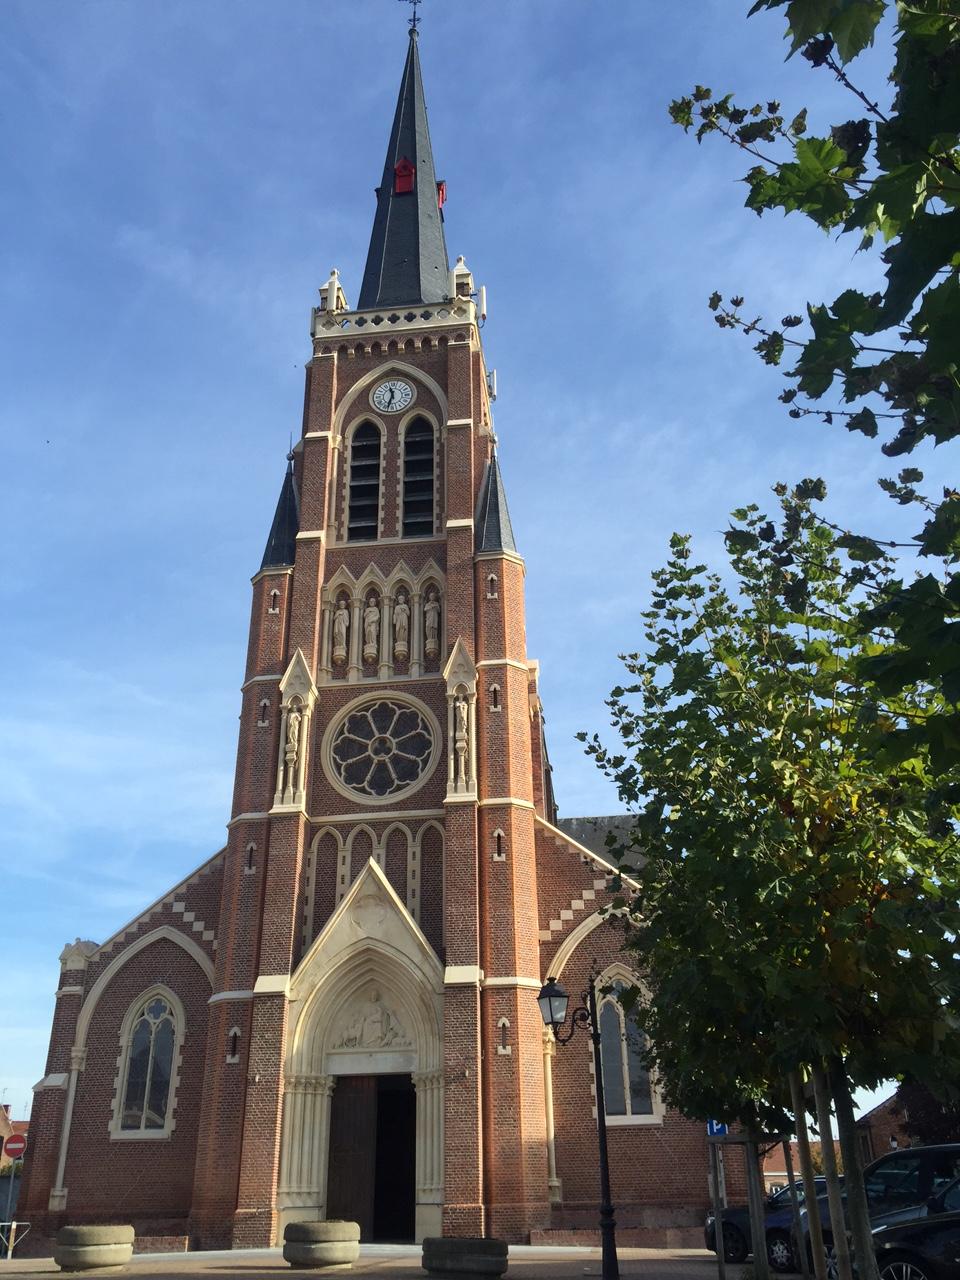 Eglise Saint-André Lez Lille